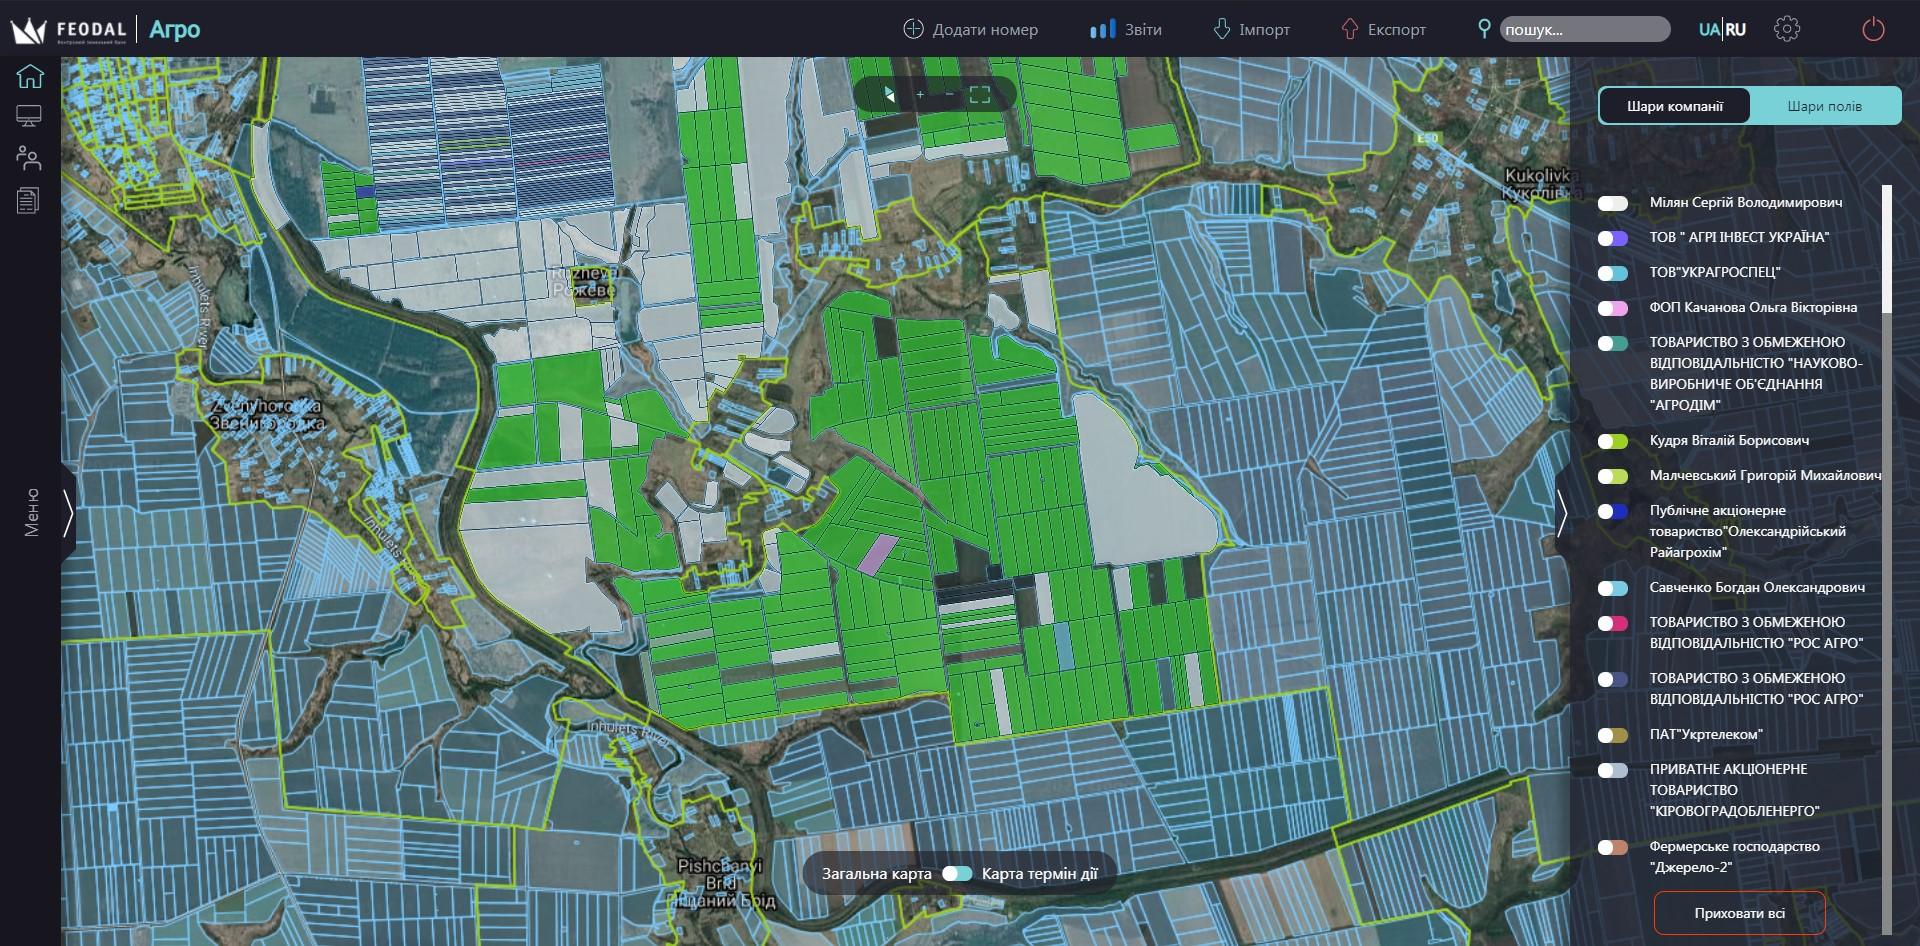 Отображение пользователей земельных участков на карте в системе Feodal ОТГ